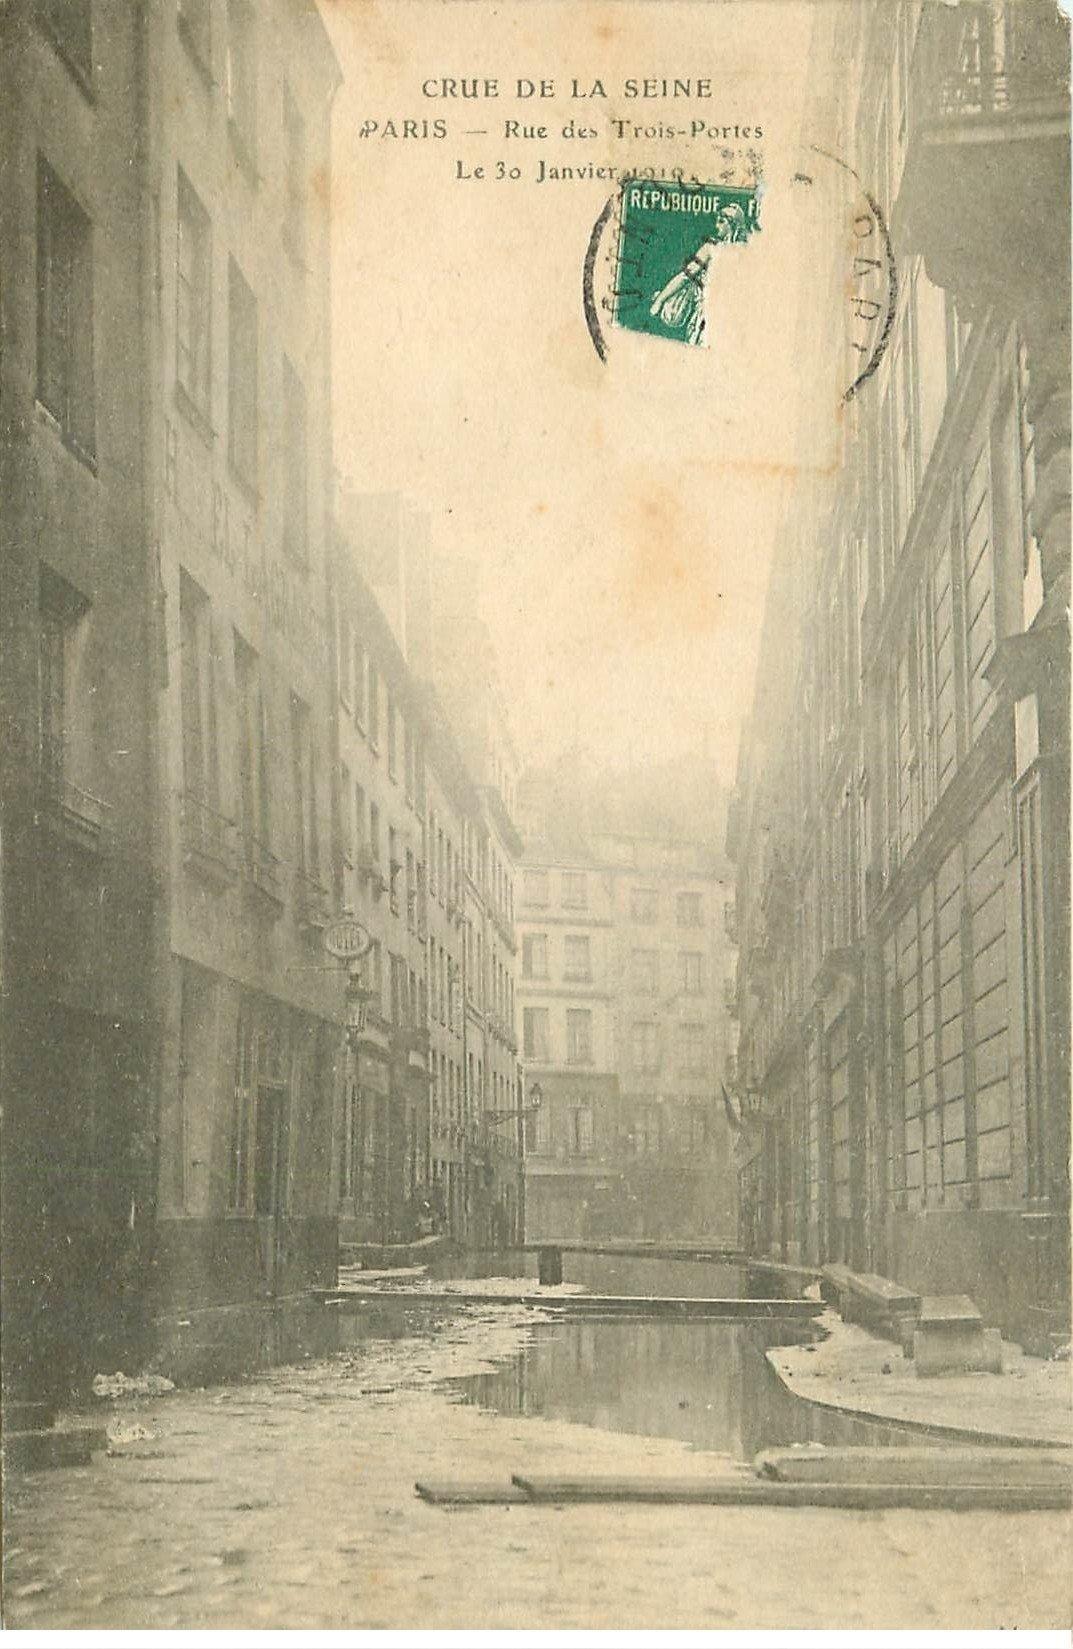 carte postale ancienne INONDATION ET CRUE PARIS 1910. Rue des Trois-Portes